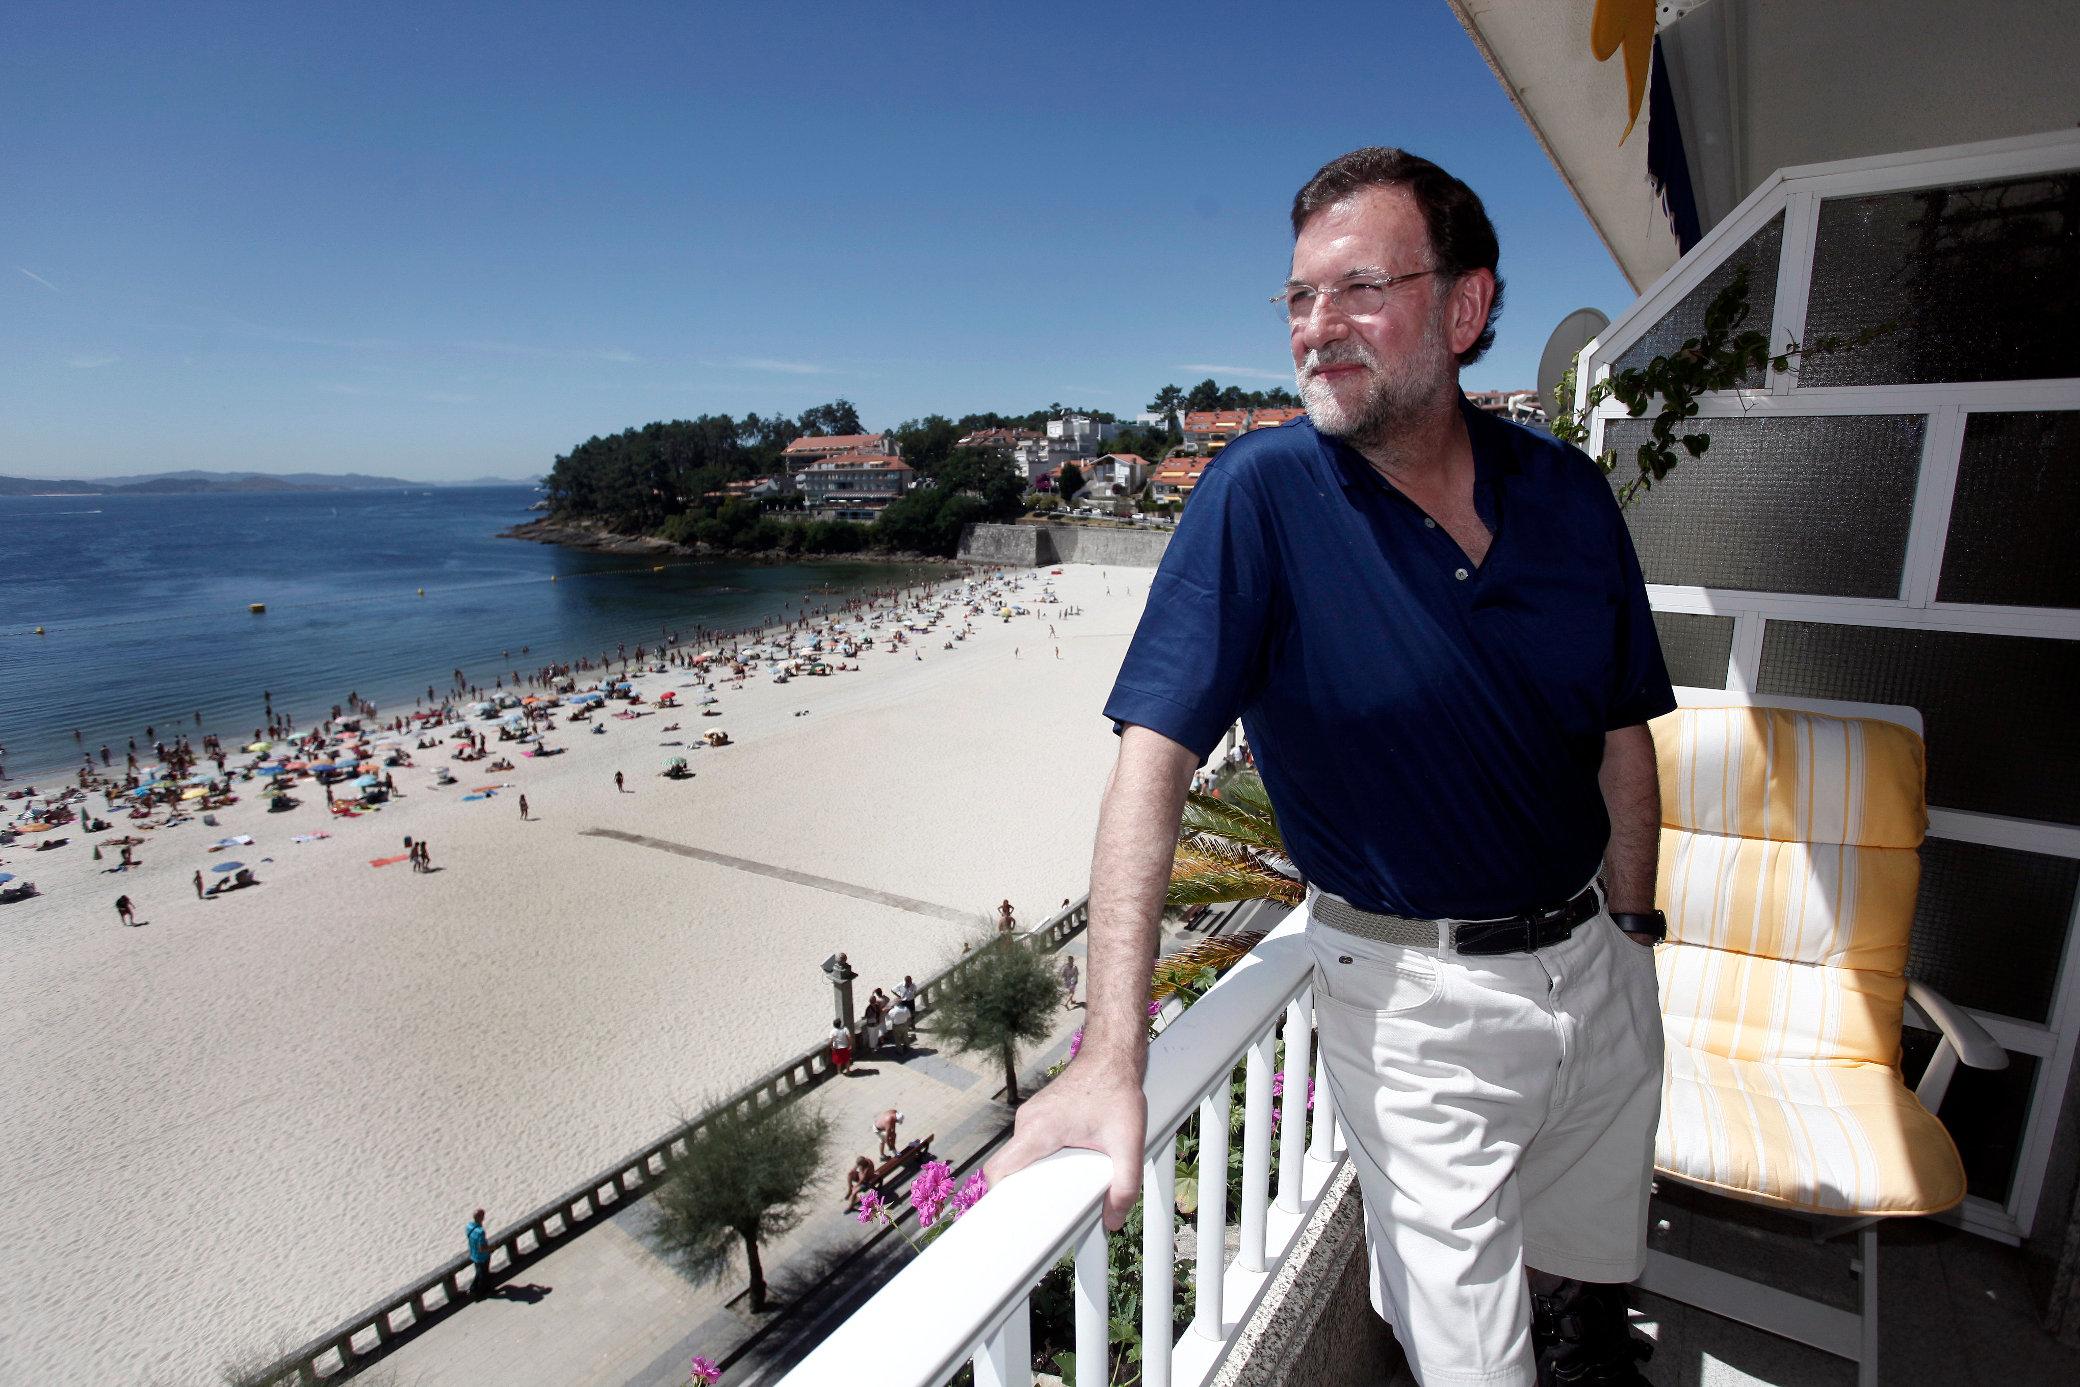 Mariano Rajoy en Sanxenxo y Pedro Sánchez en Tenerife: ¿qué podrán hacer en sus vacaciones?